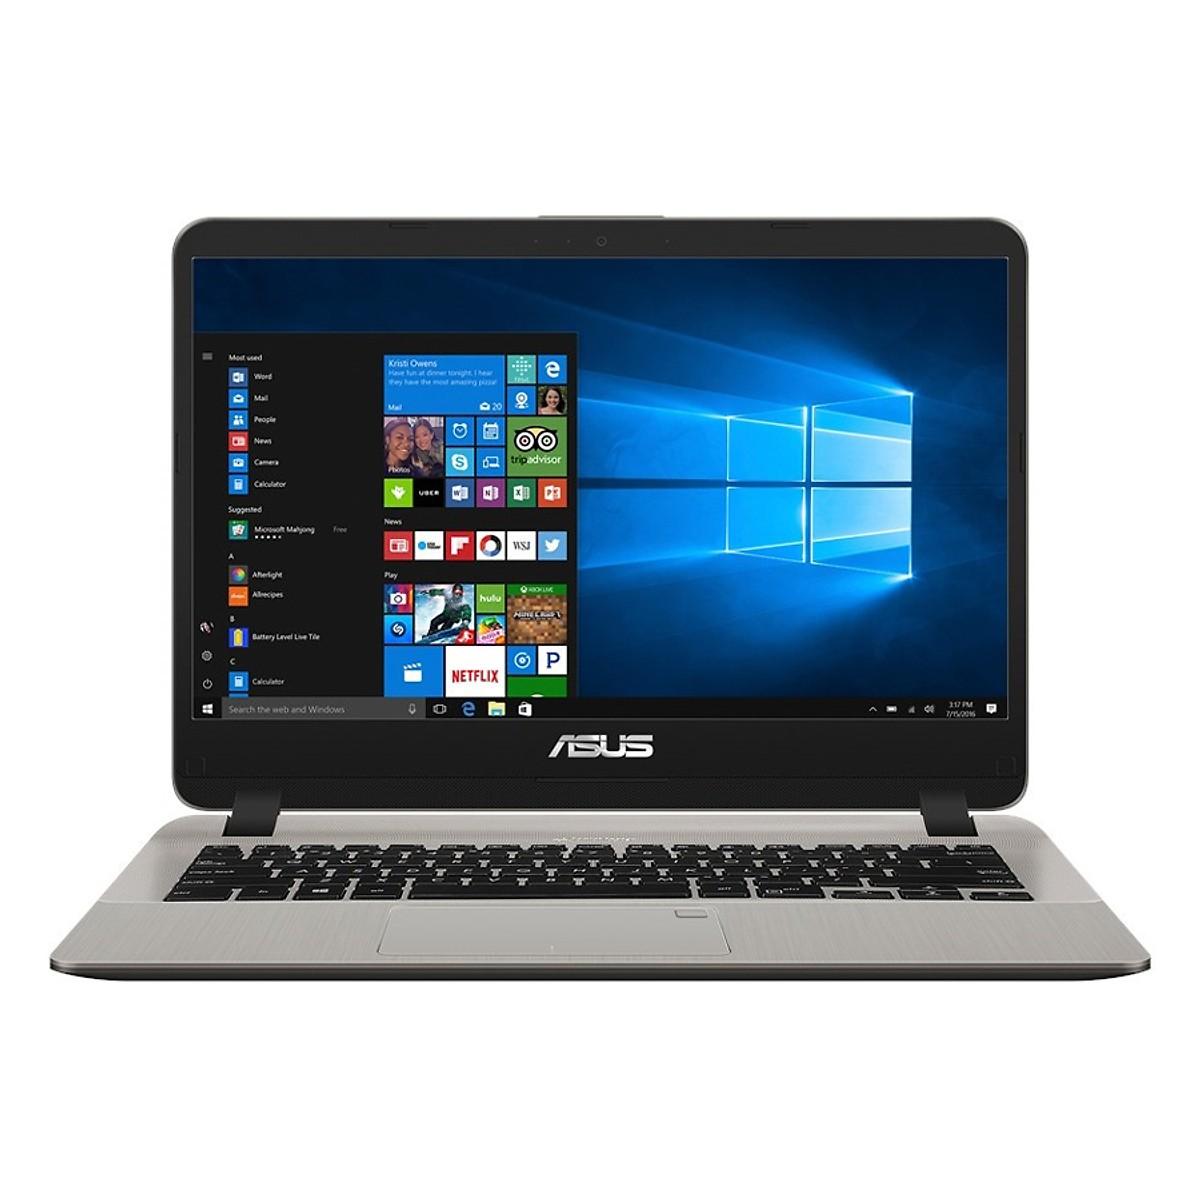 Asus   Máy tính xách tay - Laptop    Laptop Asus Vivobook X407UA-BV309T Core i3-7020U/Win10 (14 inch